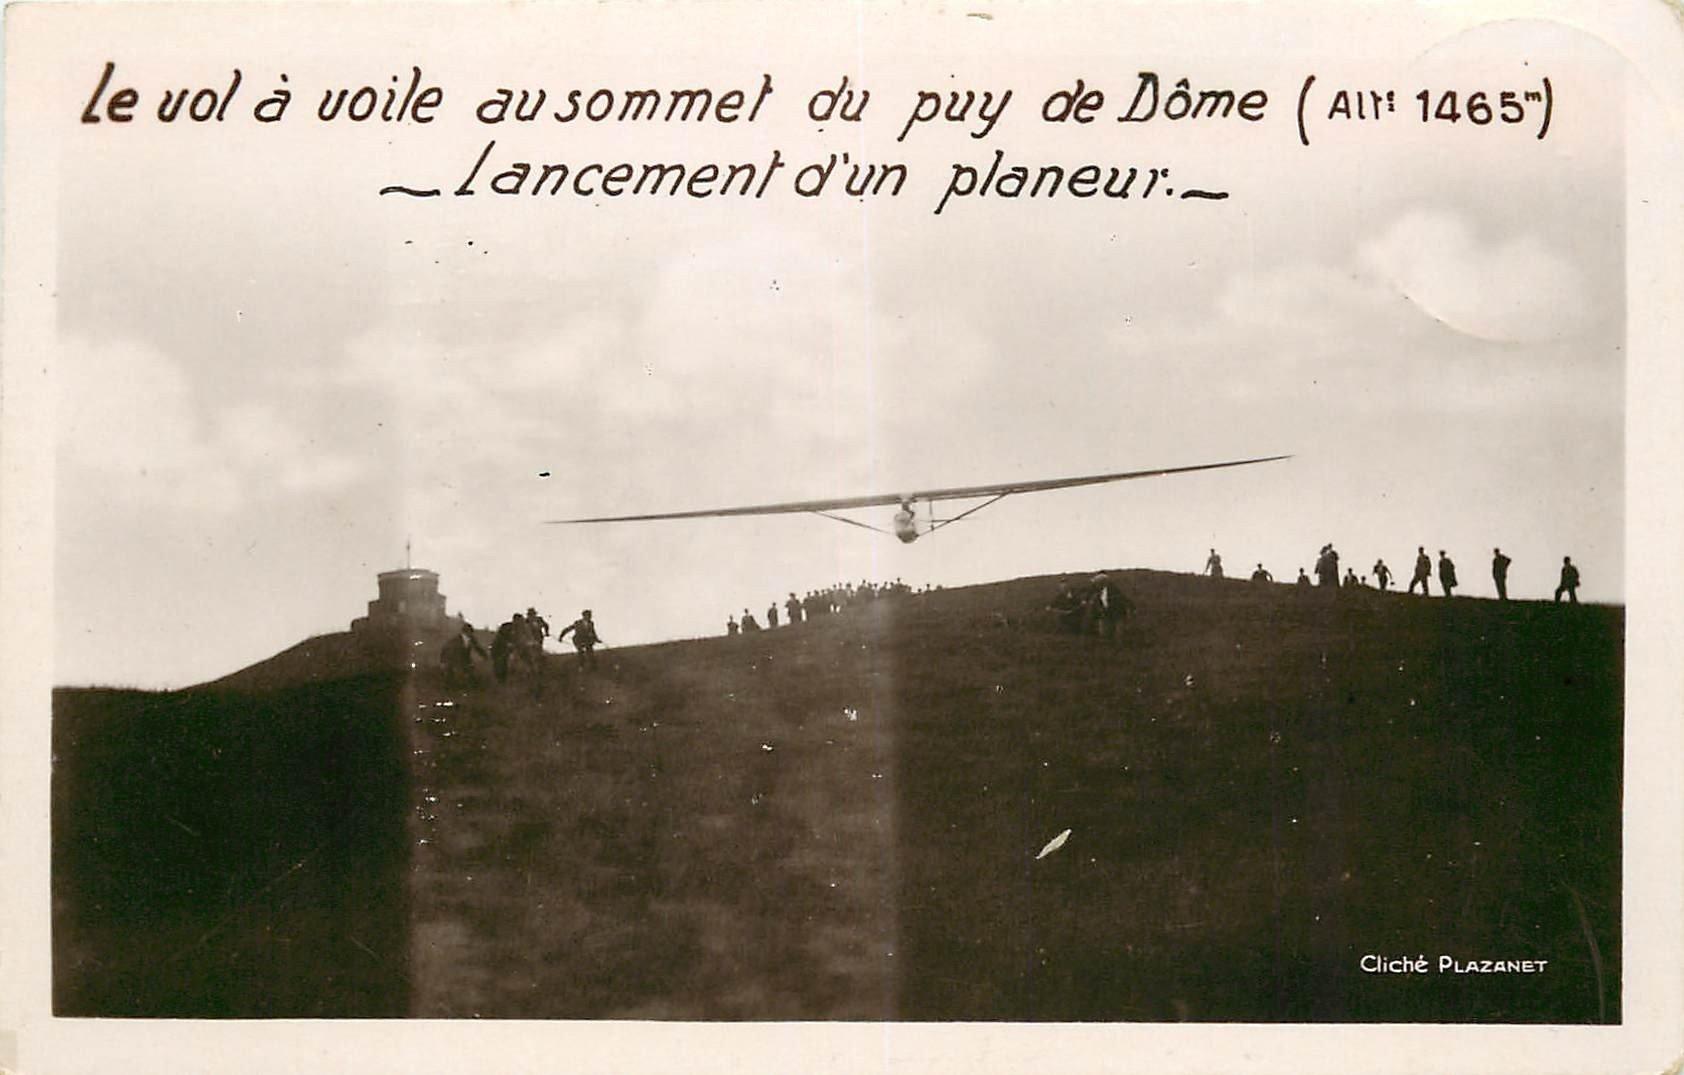 63 PUY DE DOME. Le vol à voile et lancement d'un Planeur au Sommet. Photo carte postale